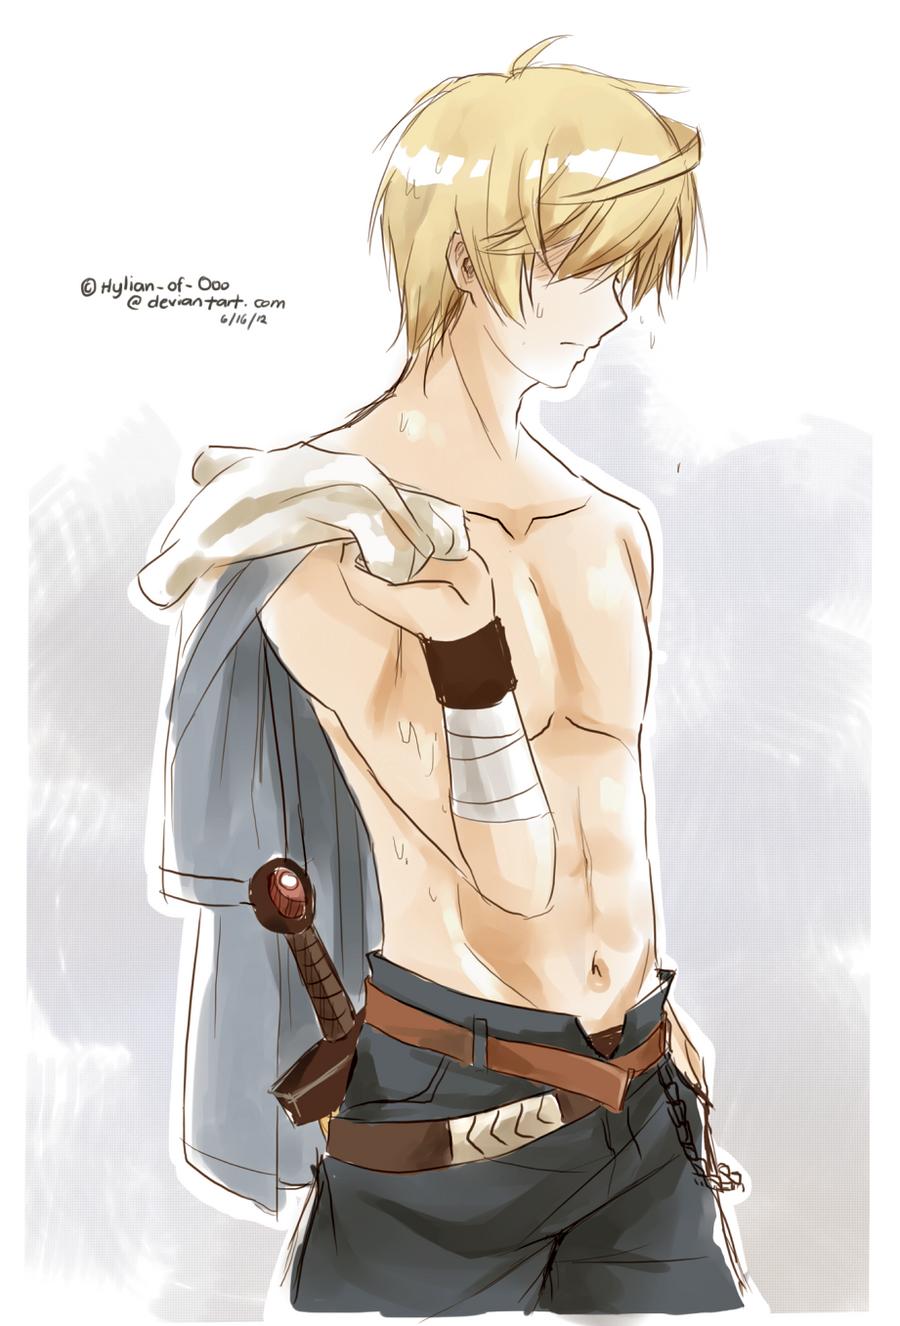 Finn, The Hot Human by JuliaPelluso on DeviantArt